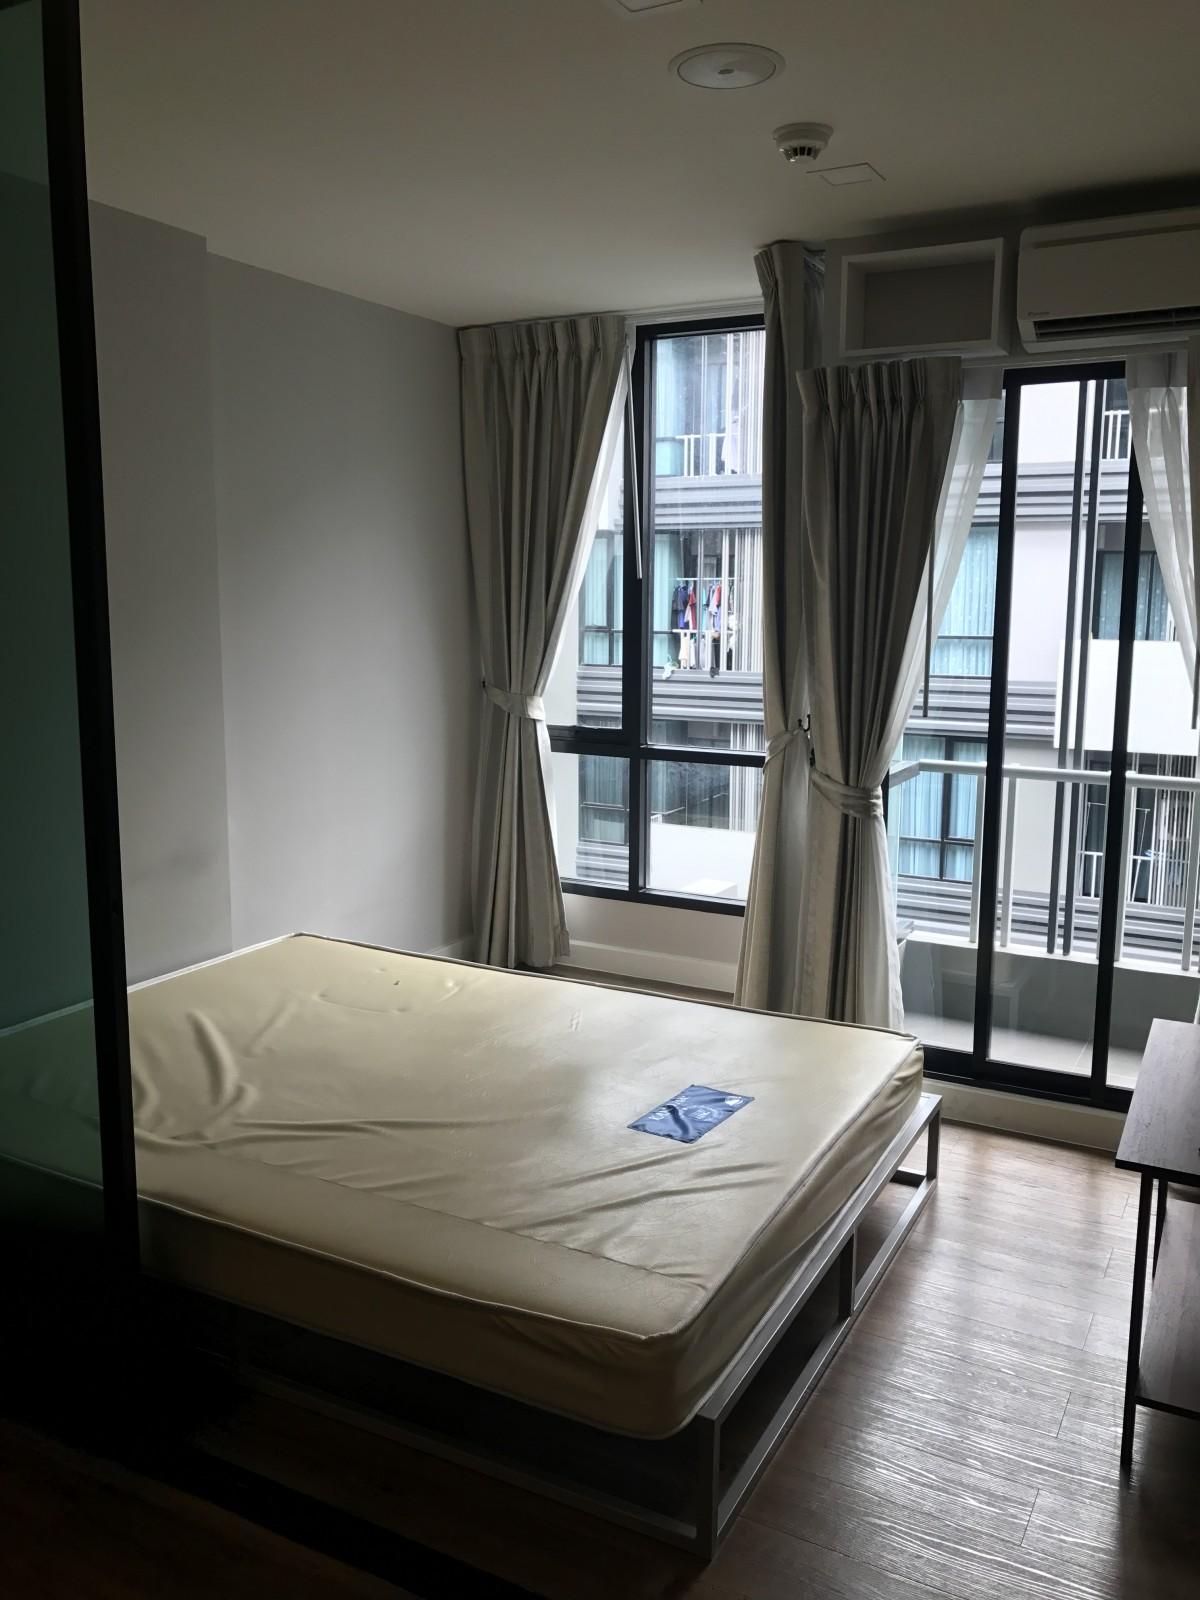 รูปของประกาศเช่าคอนโดเอสต้า บลิซ(1 ห้องนอน)(1)